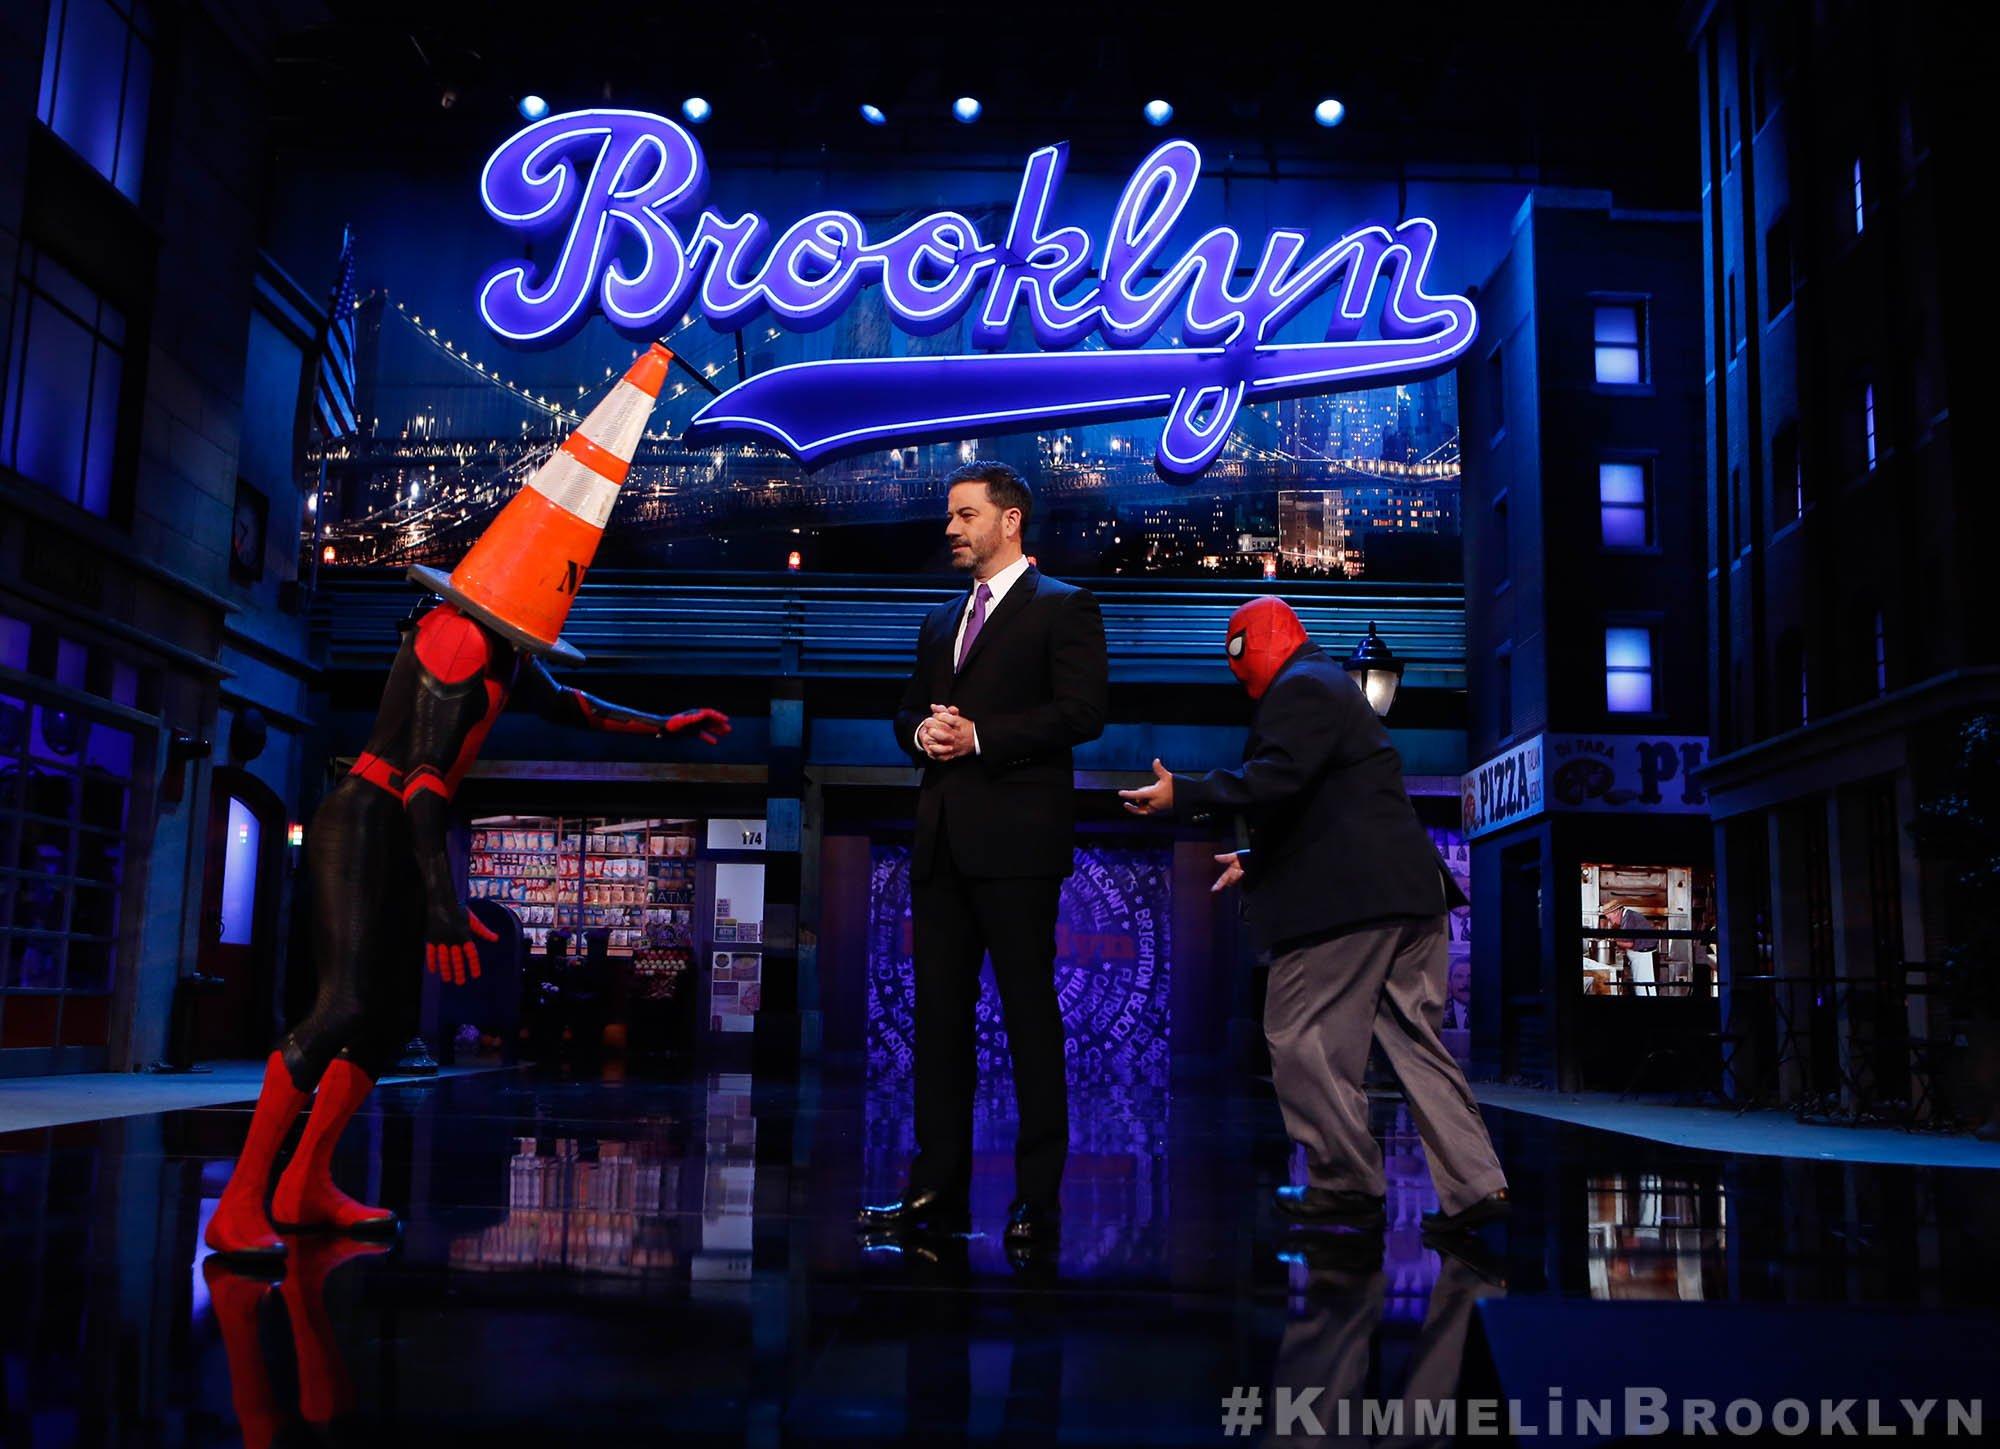 We saw double on tonight's @JimmyKimmelLive. WATCH: https://t.co/WhvbOSDoFm ��️ https://t.co/MyPOrNB57K